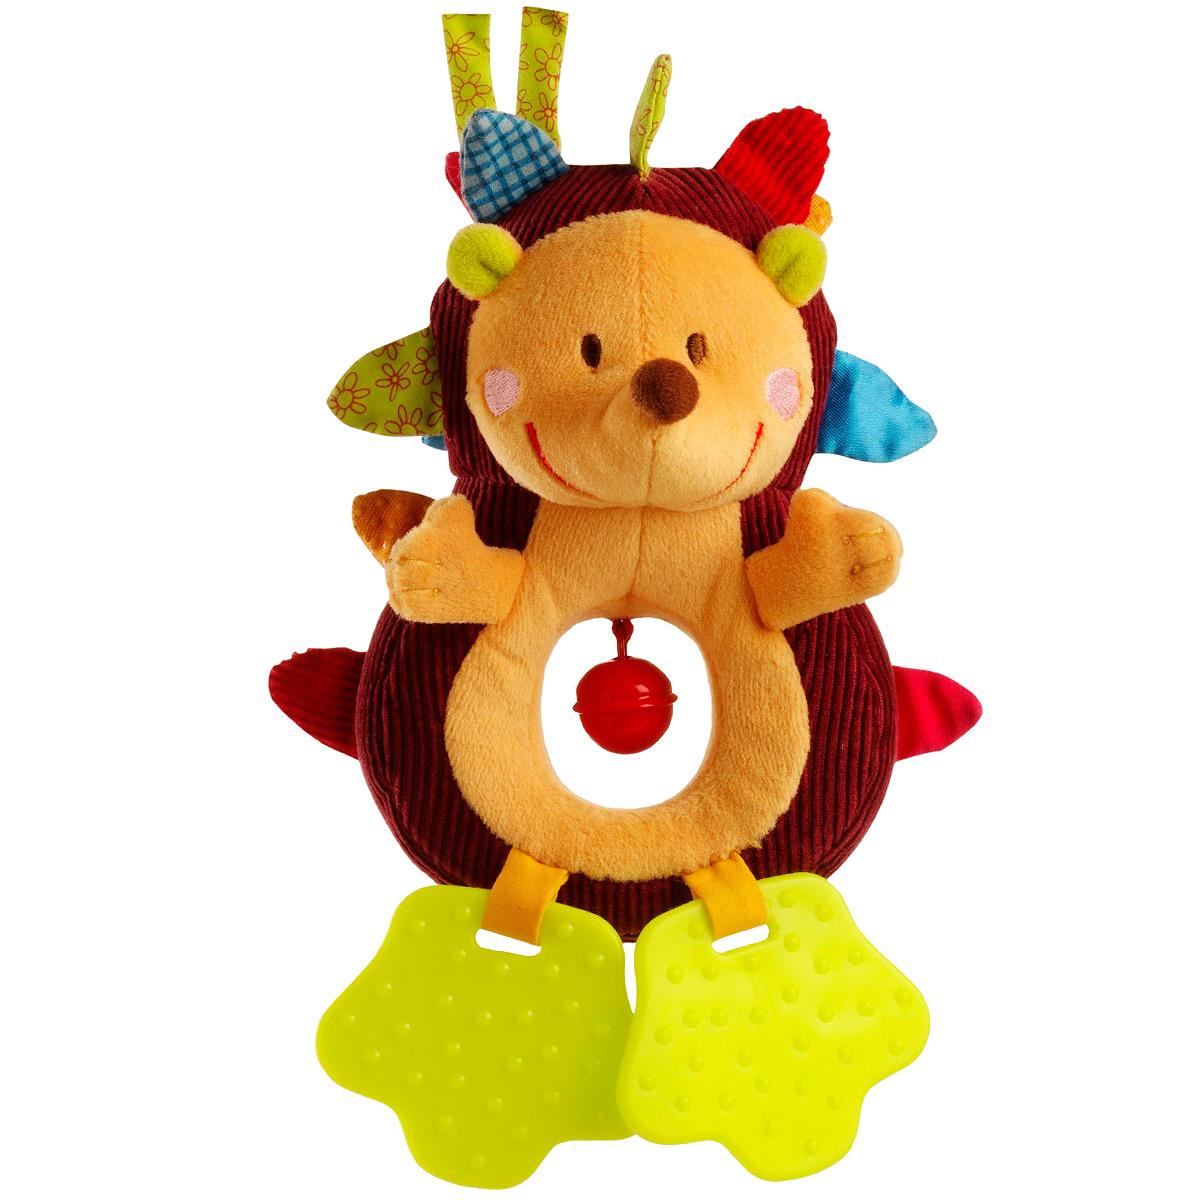 Развивающая игрушка-подвеска Lilliputiens Ежик Симон86114Развивающая игрушка-подвеска Lilliputiens Ежик Симон выполнена из хлопка разных фактур в виде милого ежика. Его мордашка вышита нитками, а в тельце имеется отверстие с подвешенным металлическим колокольчиком, мелодично звенящим при тряске. Колючки ежика яркие, различные на ощупь и совершенно безопасные для ребенка. Лапки игрушки представляют собой два прорезывателя, которые помогут малышу снять неприятные ощущения во время прорезывания зубов. С помощью двух завязок ежика можно подвесить к кроватке, коляске, автокреслу или игровой дуге малыша. Яркая игрушка-подвеска Lilliputiens Ежик Симон поможет ребенку в развитии цветового и звукового восприятия, концентрации внимания, мелкой моторики рук, координации движений и тактильных ощущений.